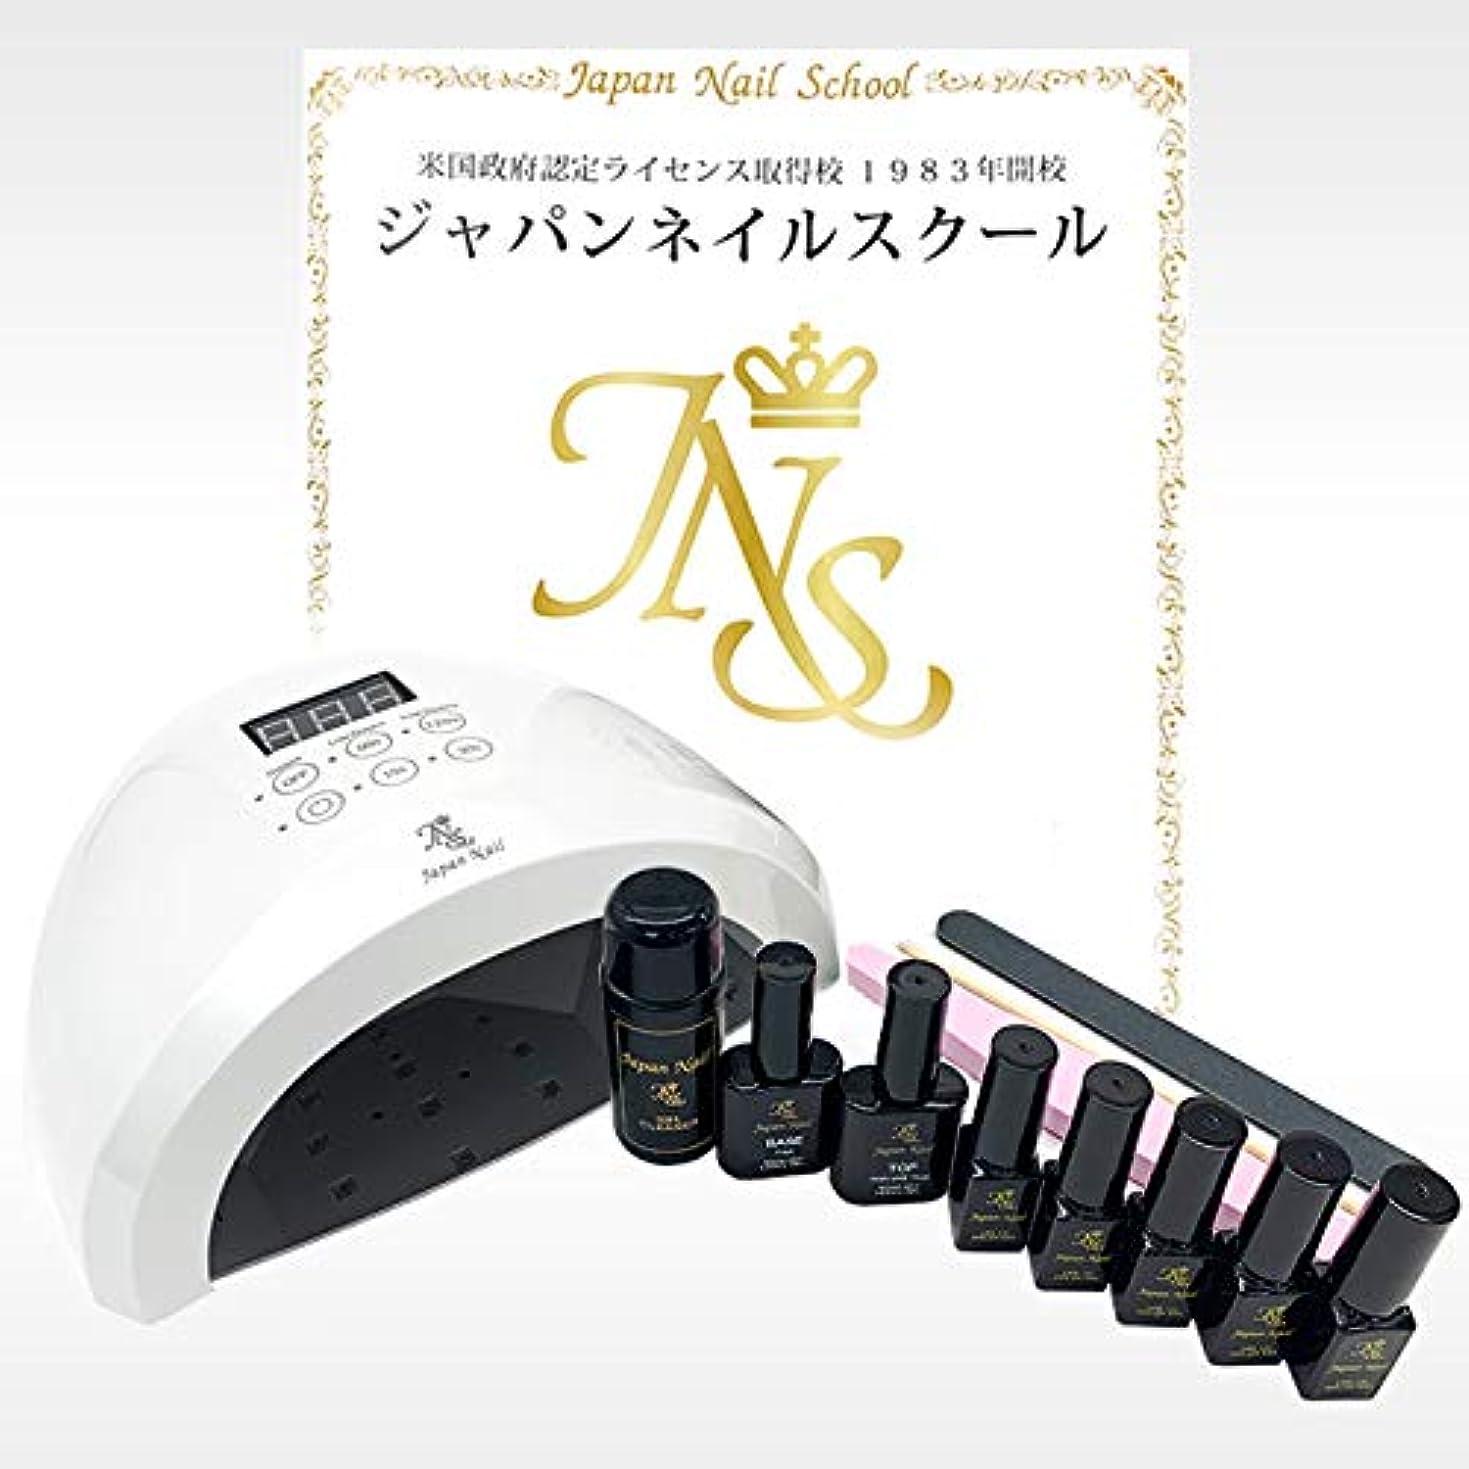 広々快いミネラル日本製多機能LEDライト付属ジェルネイルキットn2世界初!弱爪?傷爪でもジェルネイルが楽しめる2つのローダウン機能搭載!初心者も安心の5年間サポート付